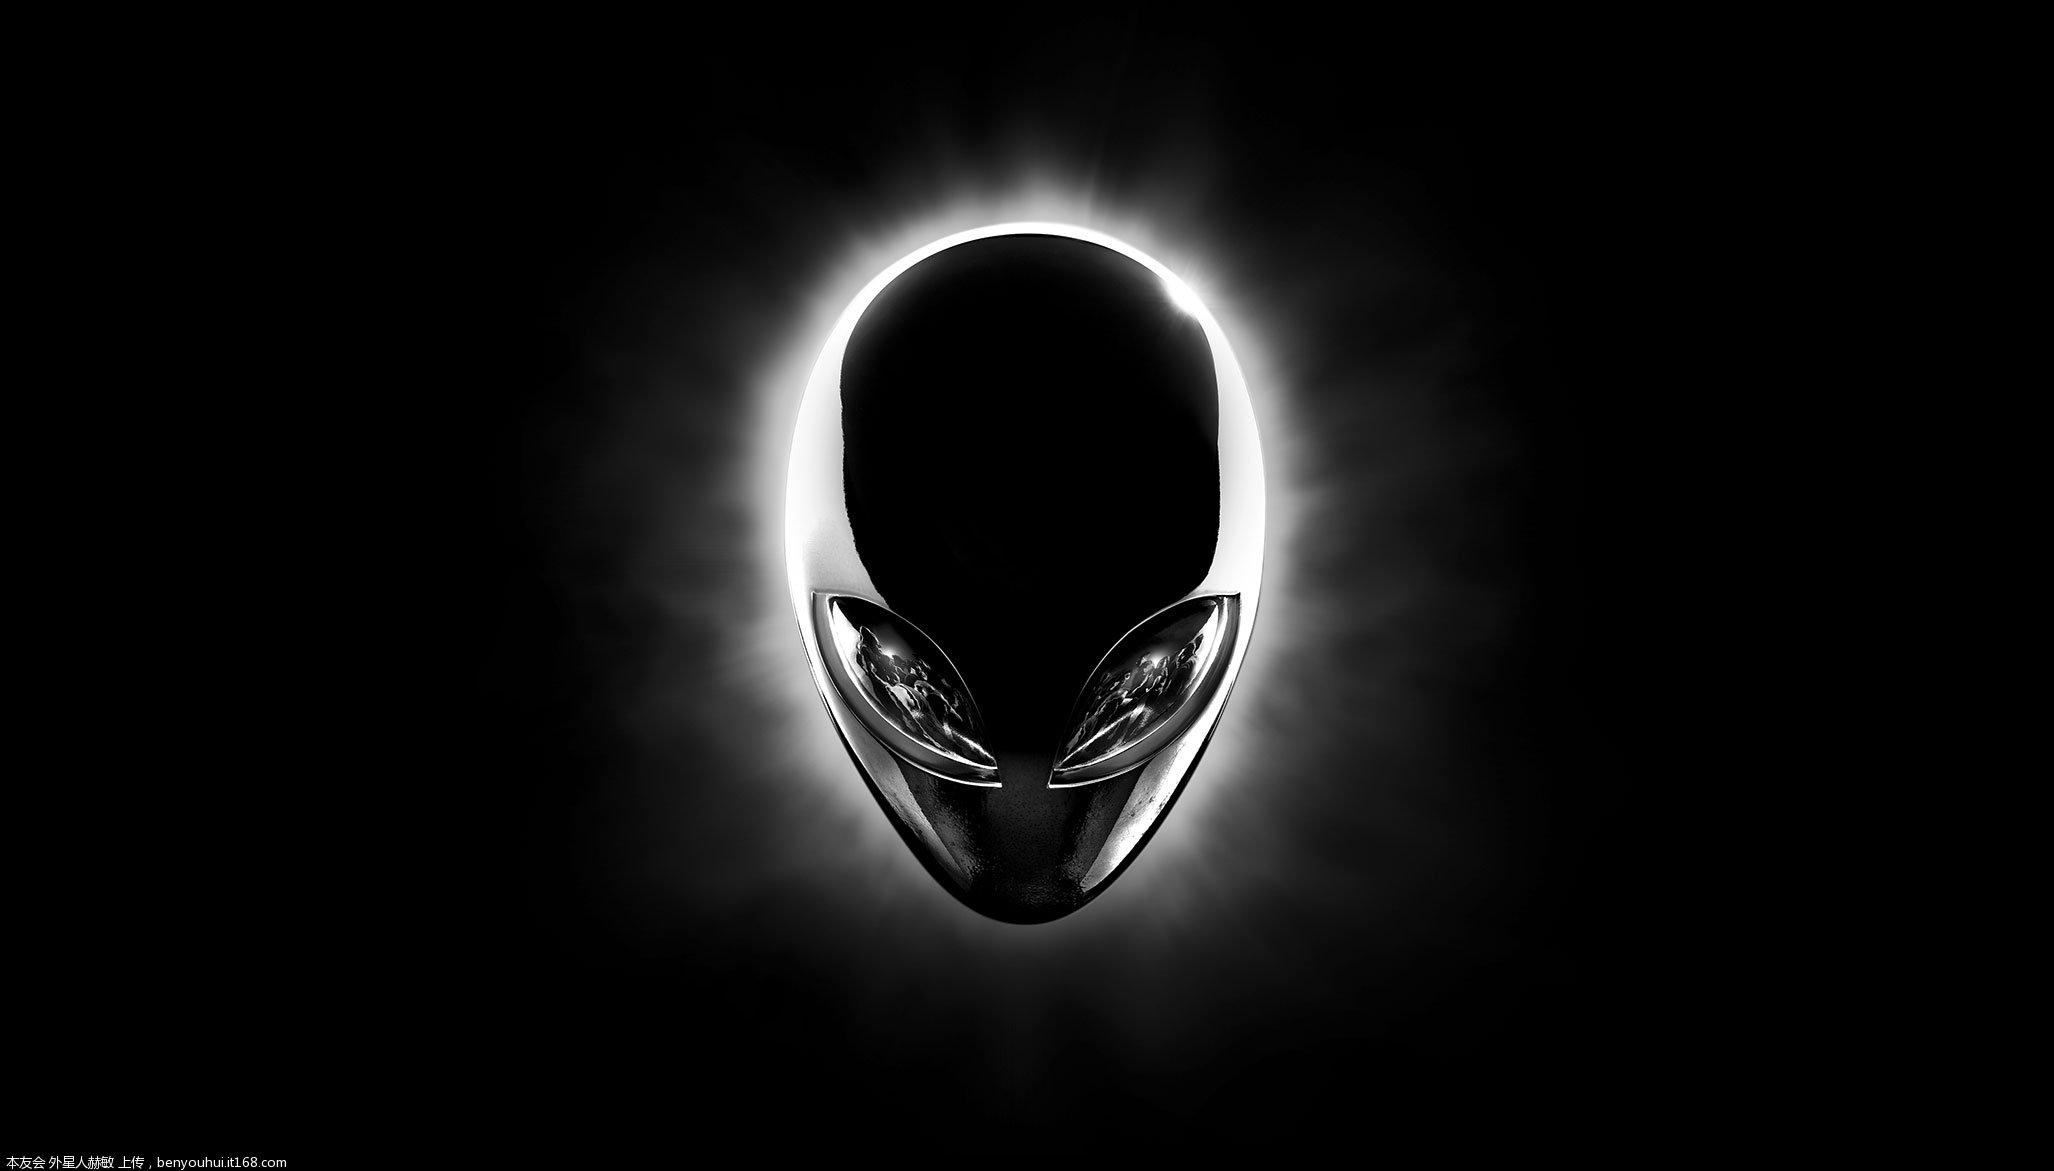 Alienware 14 R1 2054x1171